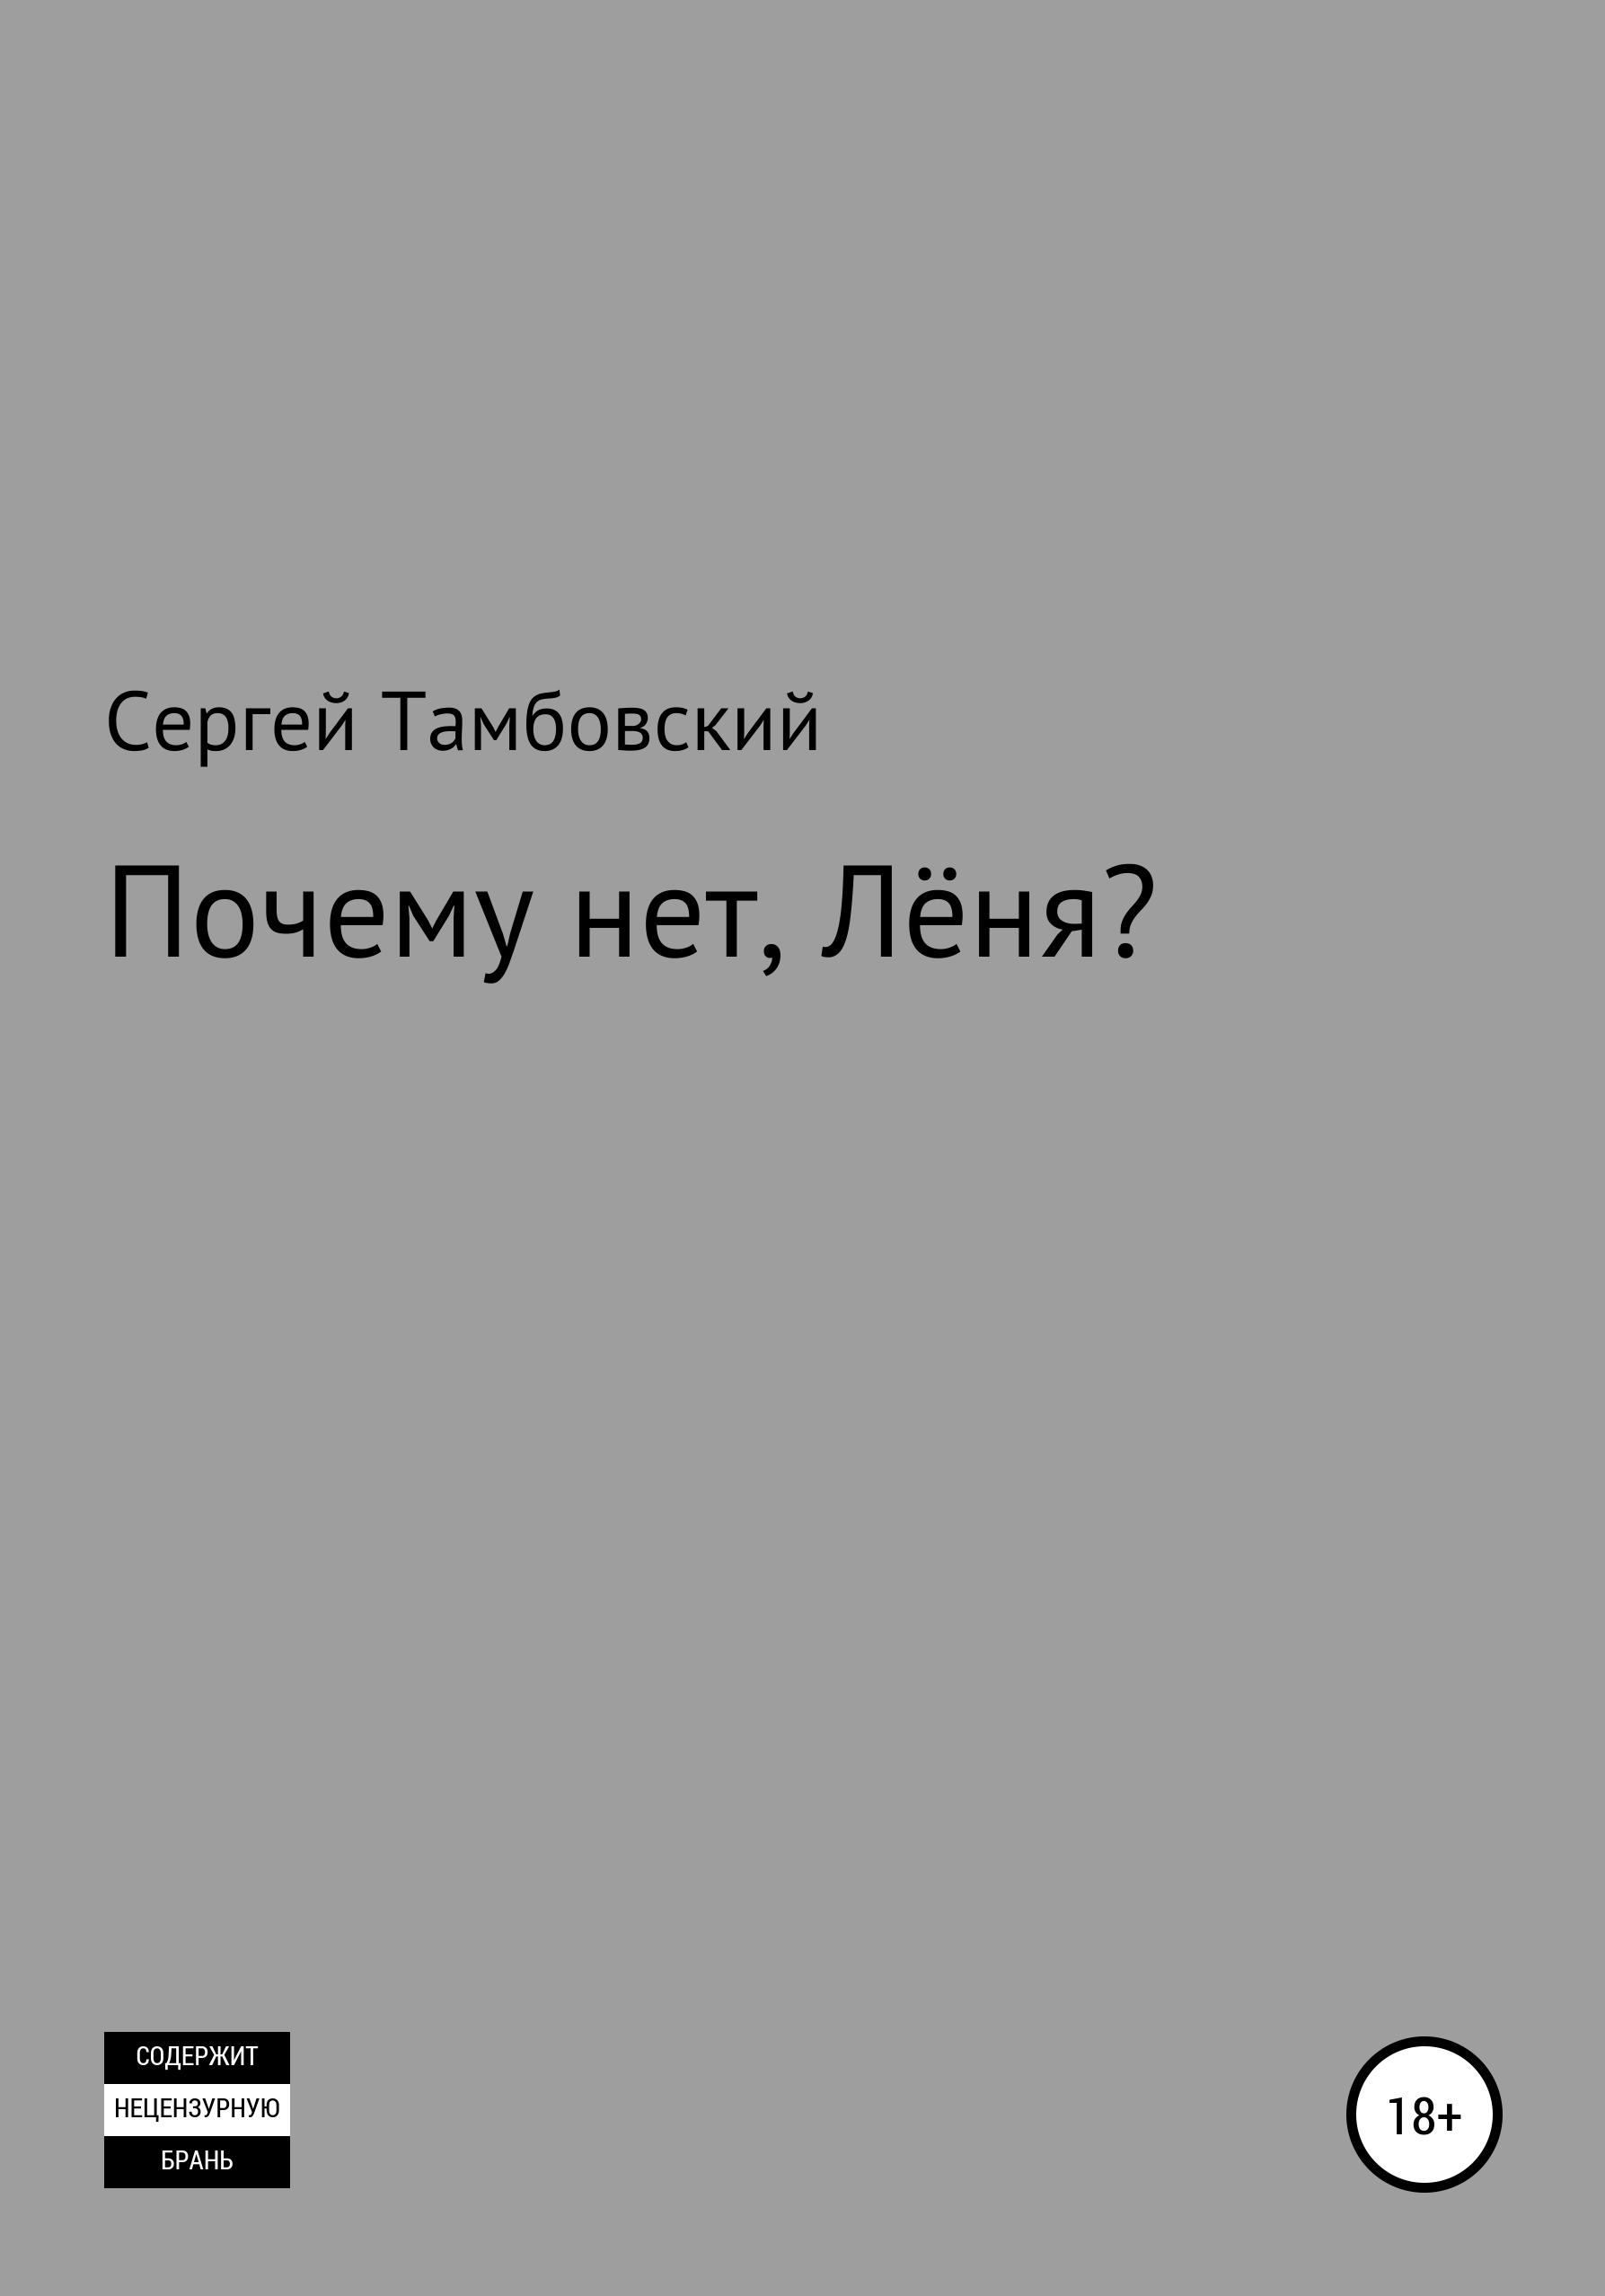 Сергей Тамбовский Почему нет, Лёня?